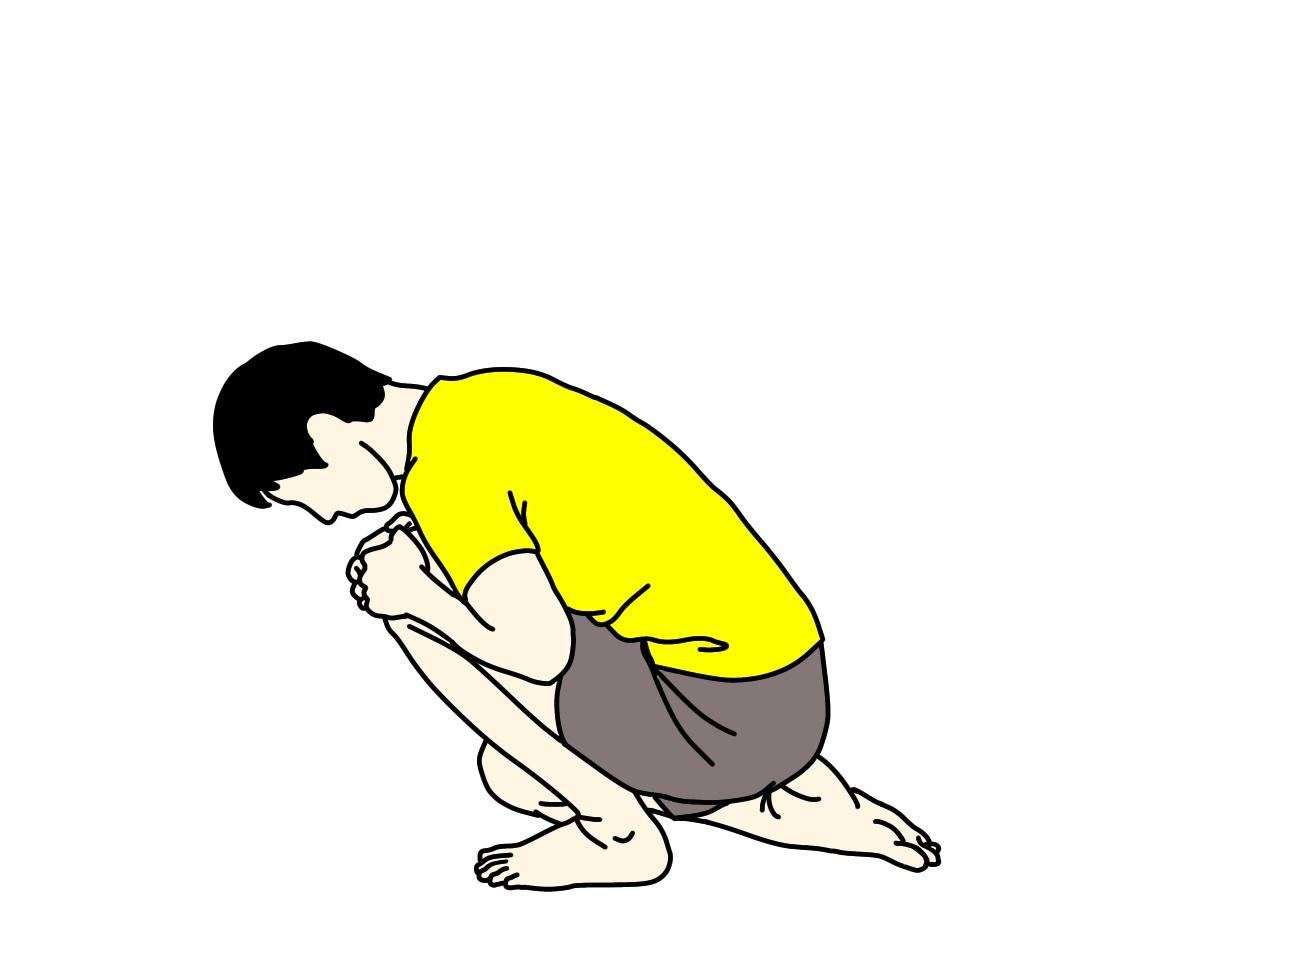 ふくらはぎ(ヒラメ筋)のストレッチの方法